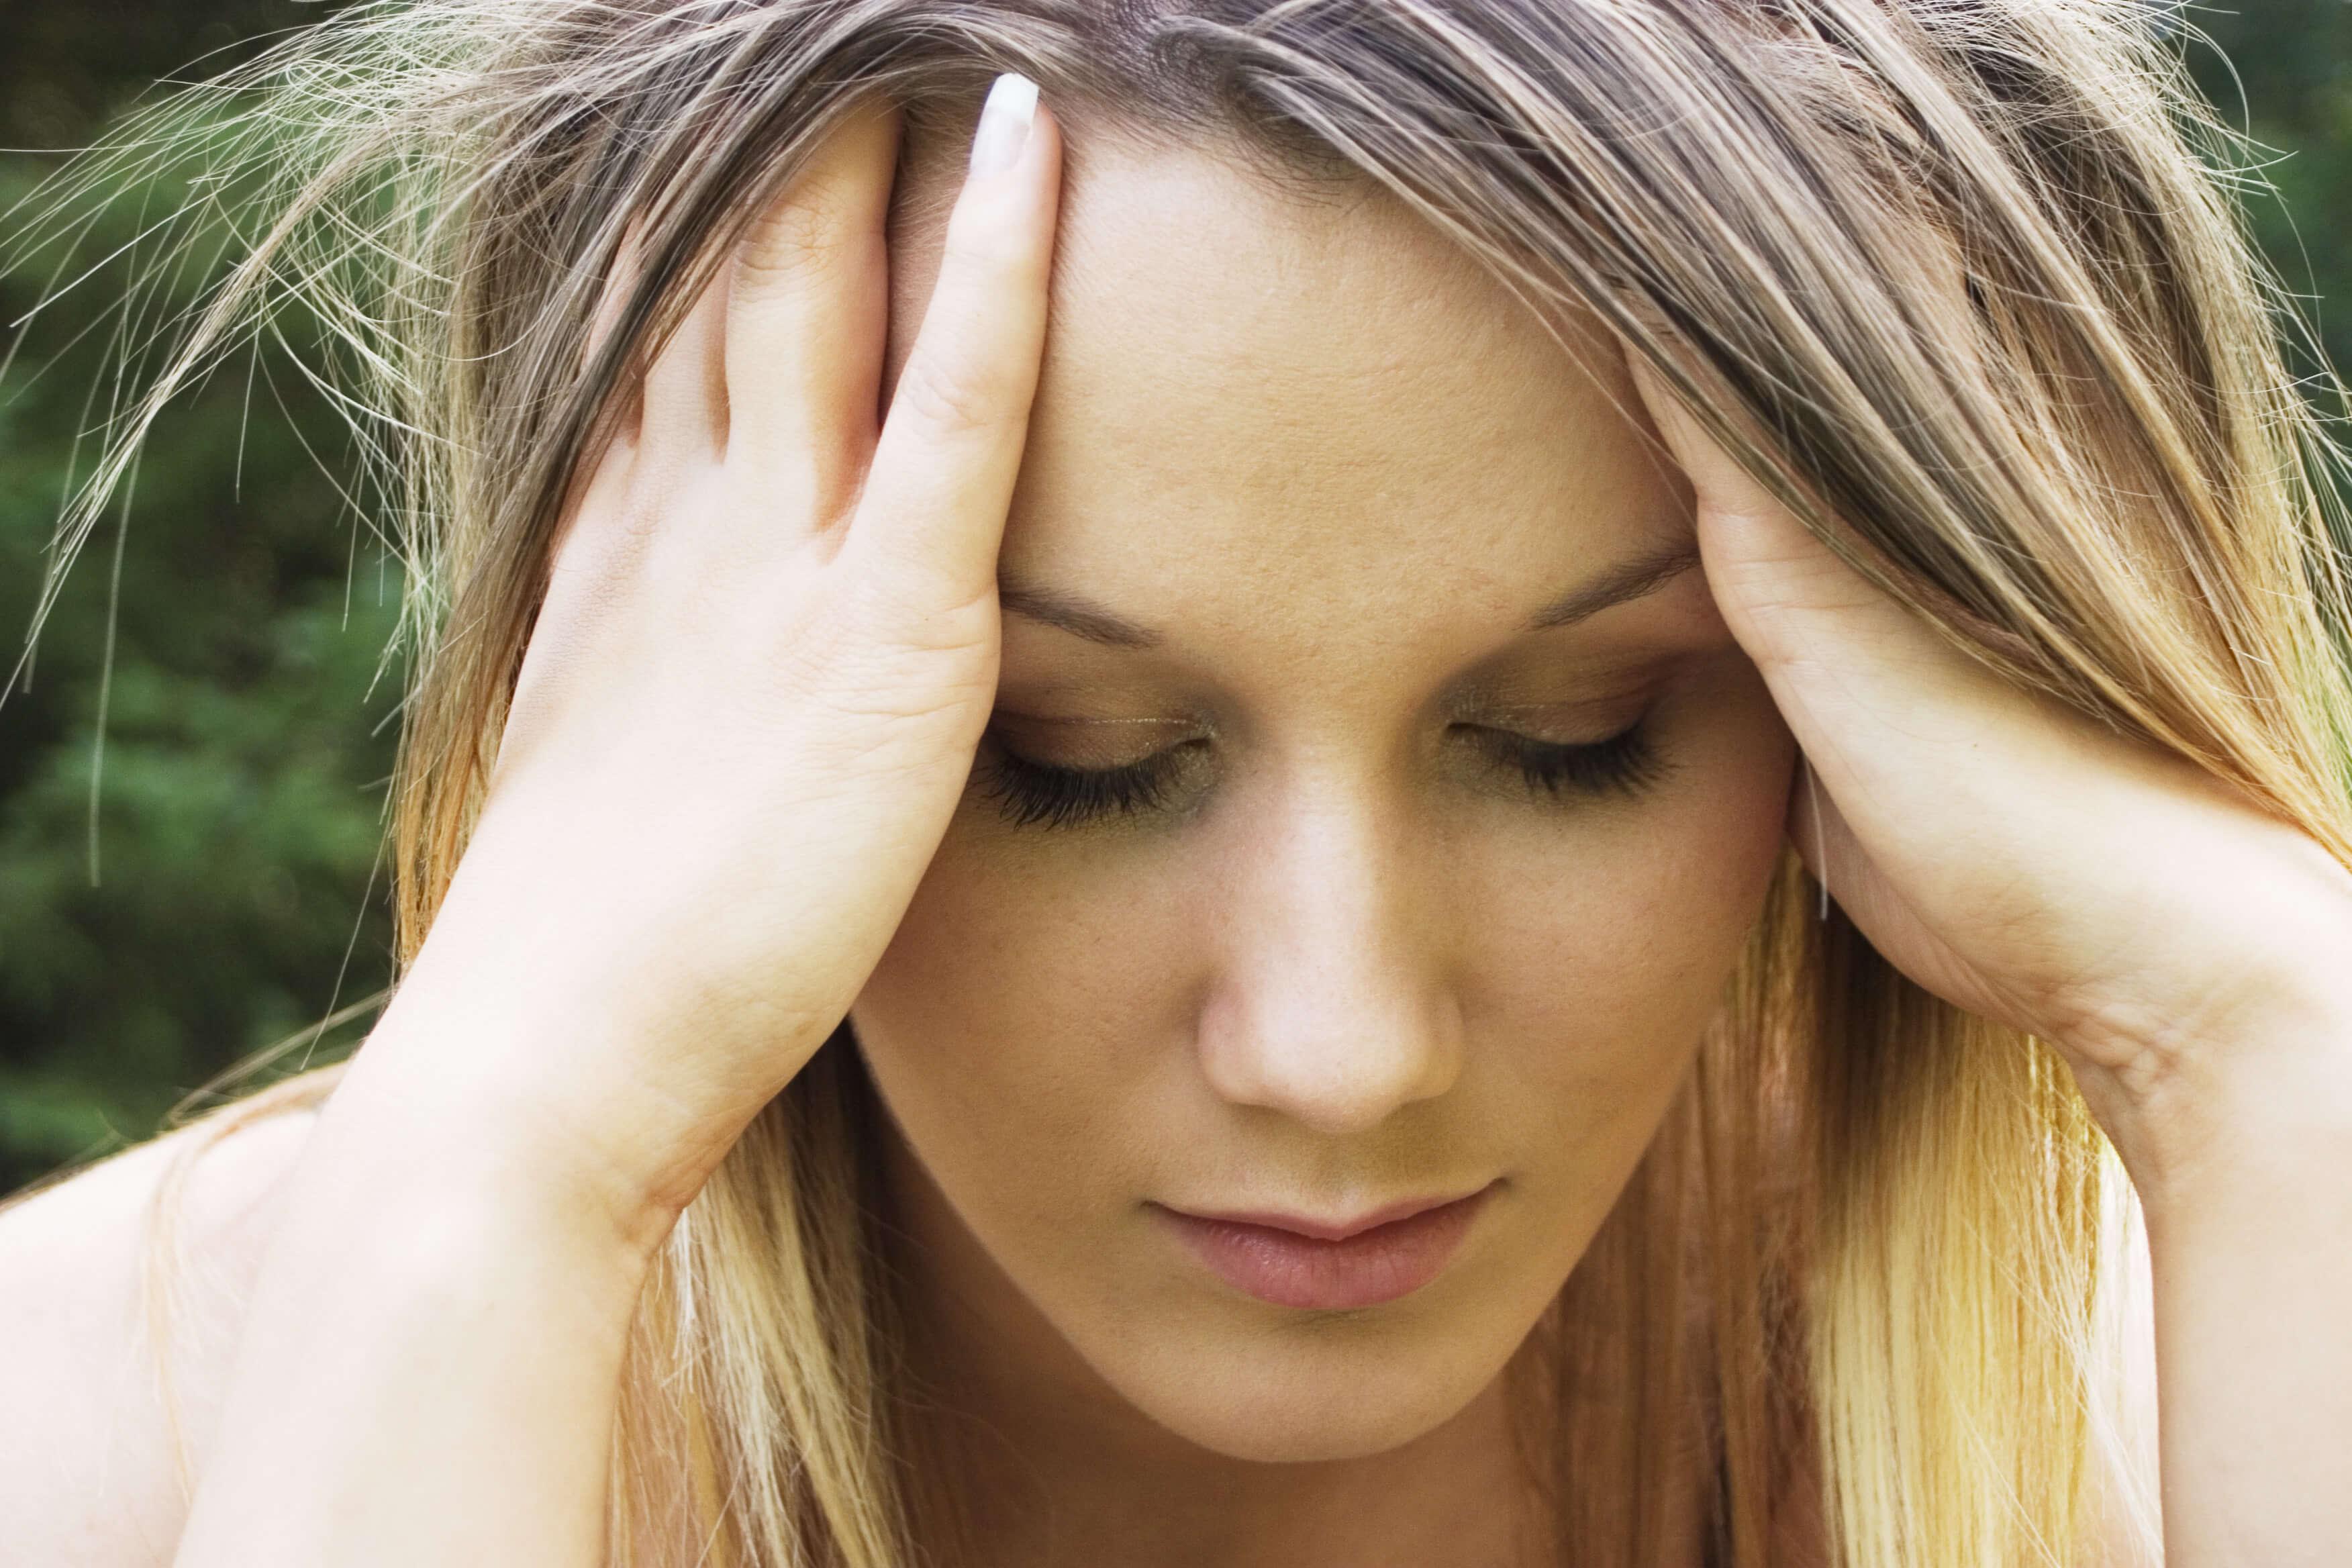 New Migraine Treatment Option for Renton, Washington Residents